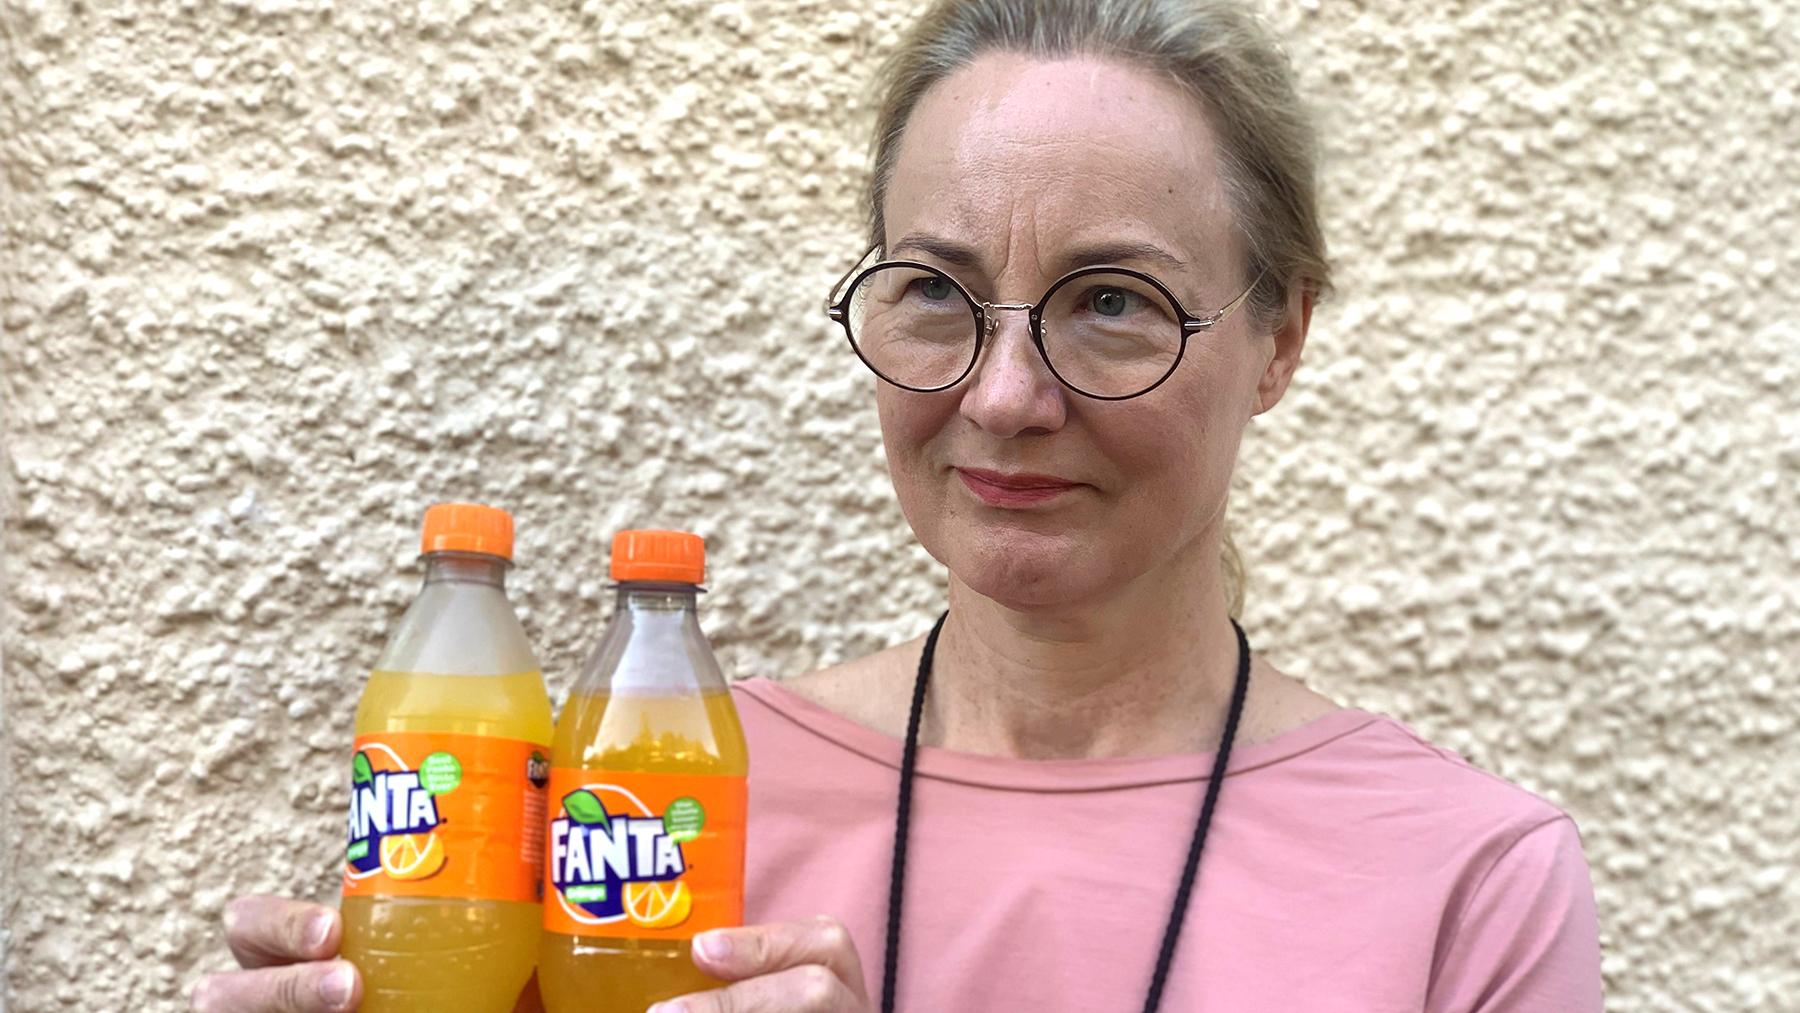 Cancerfondens generalsekreterare Ulrika Årehed Kågström håller upp två flaskor med fanta.